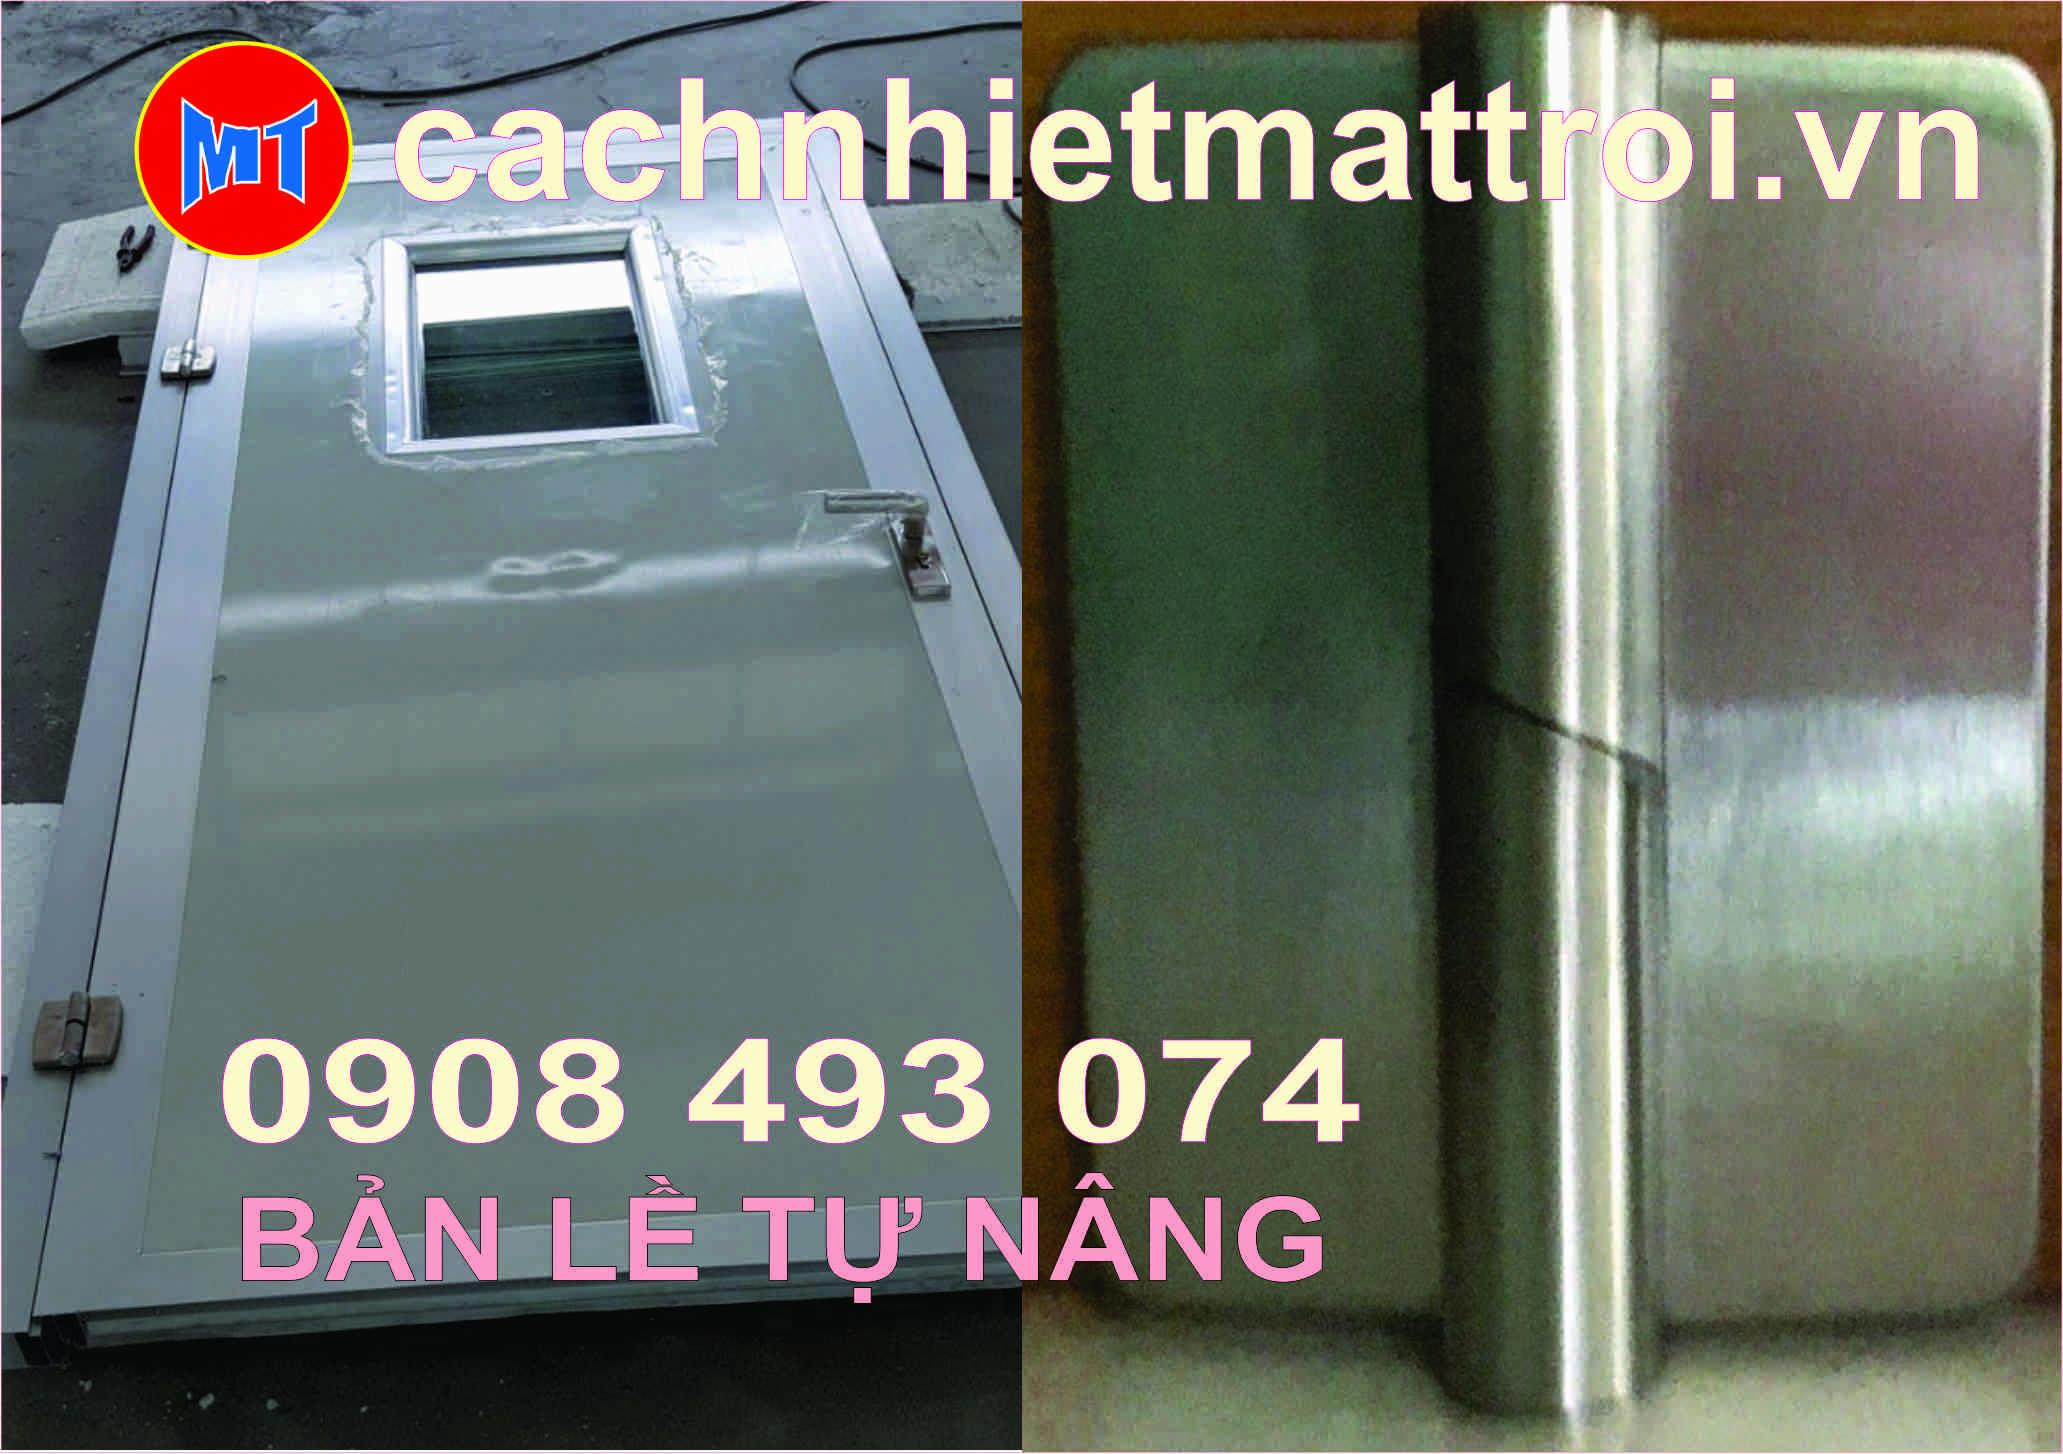 hình 1 BẢN LỀ CỐI TỰ NÂNG INOX 304